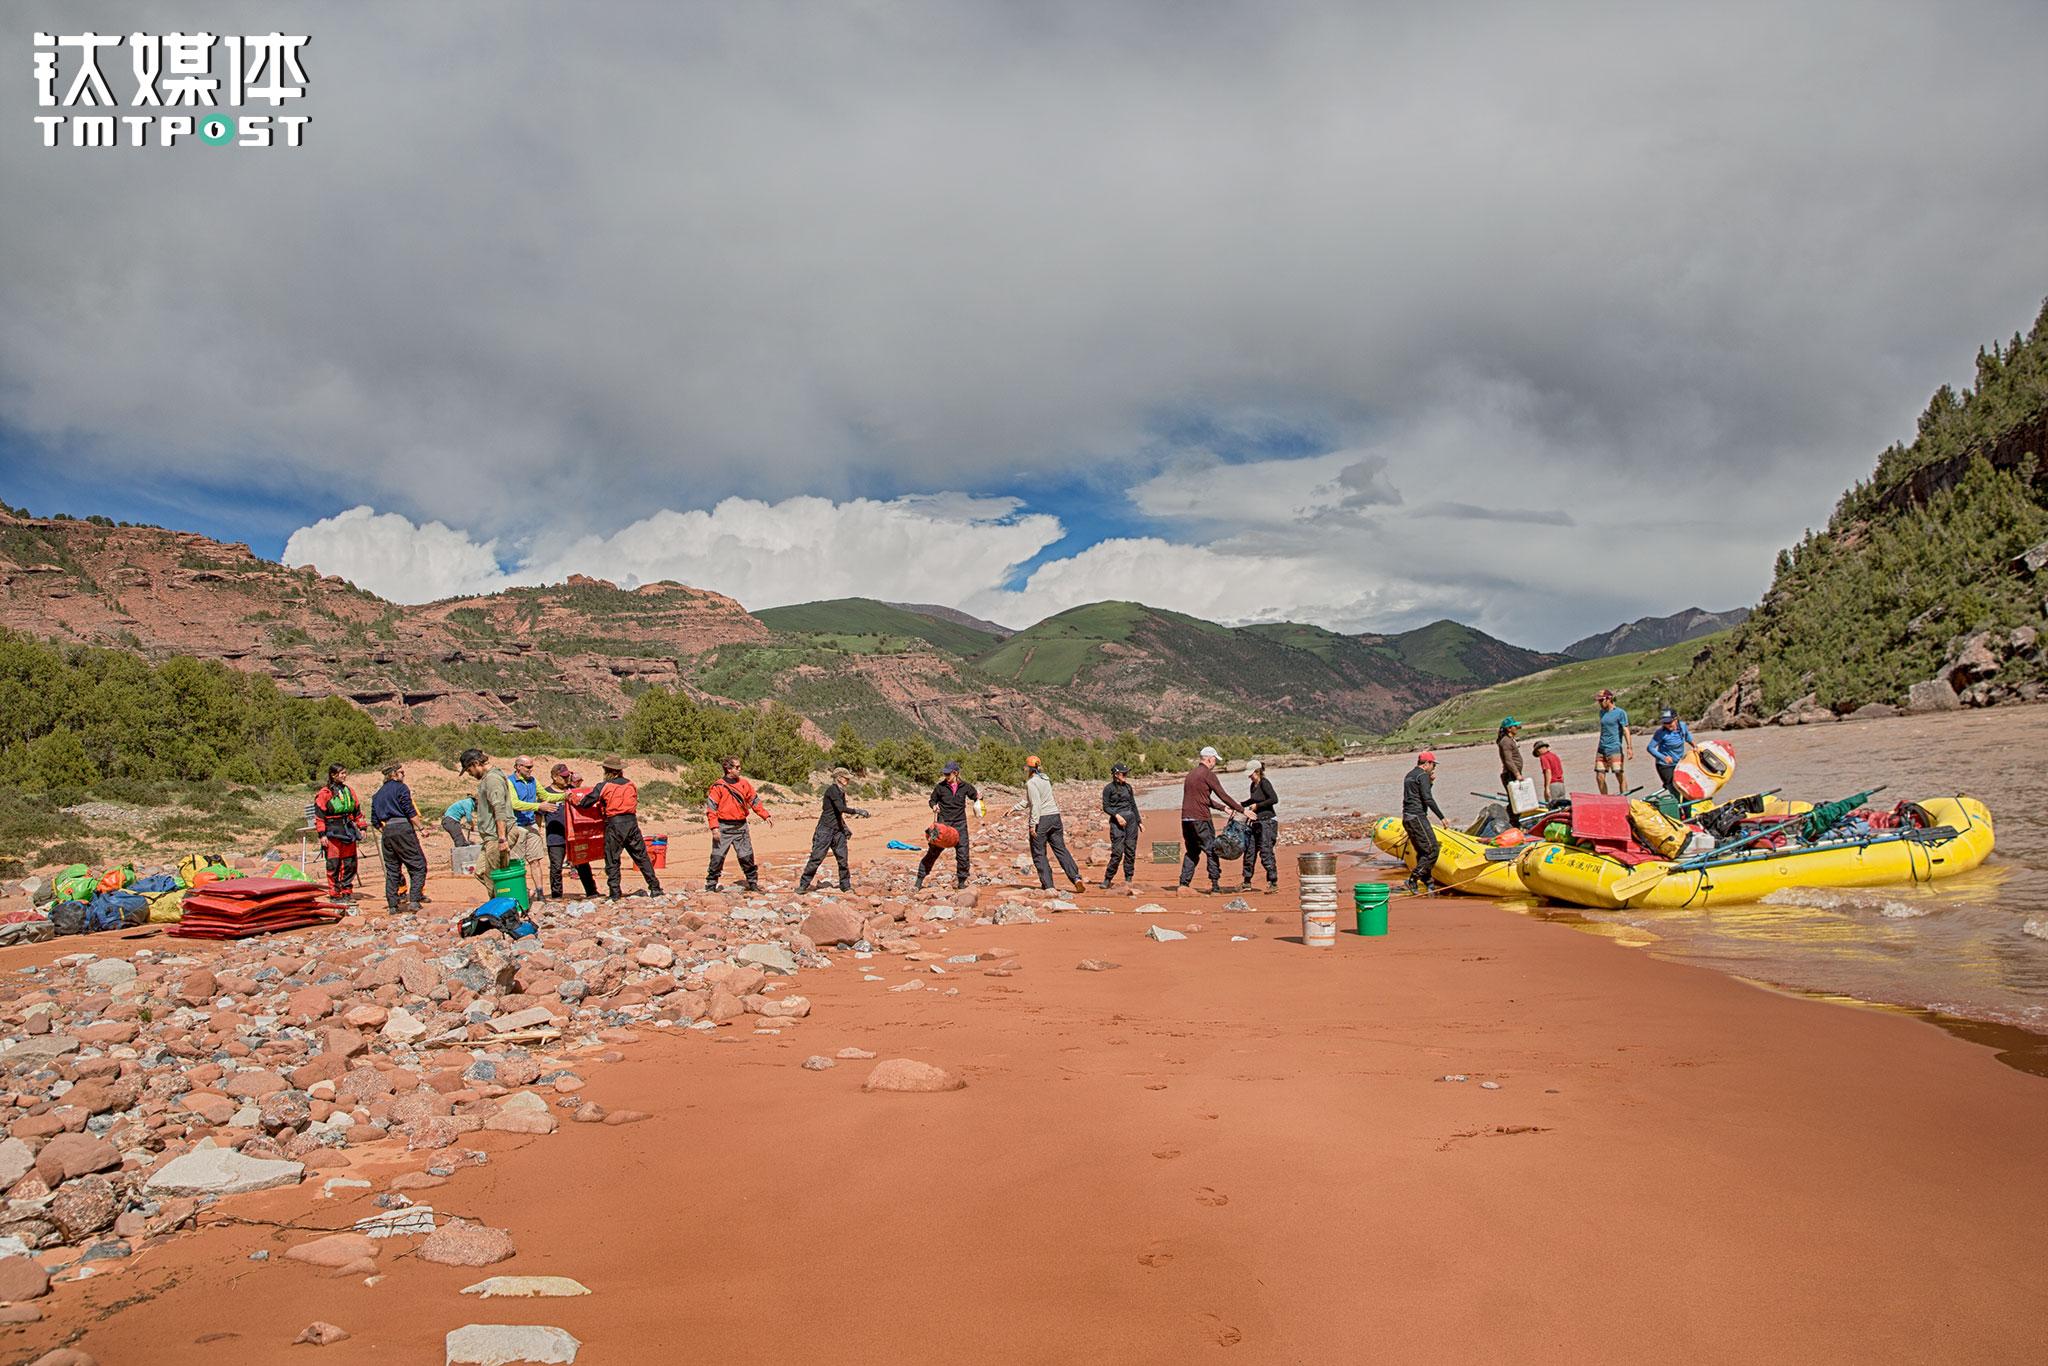 物资和装备的装卸,需要每个人都出力。到达营地或者拔营下水,所有人会排成一排搬运装备物资,之后才各自扎营或寻找乘坐船只的位置。